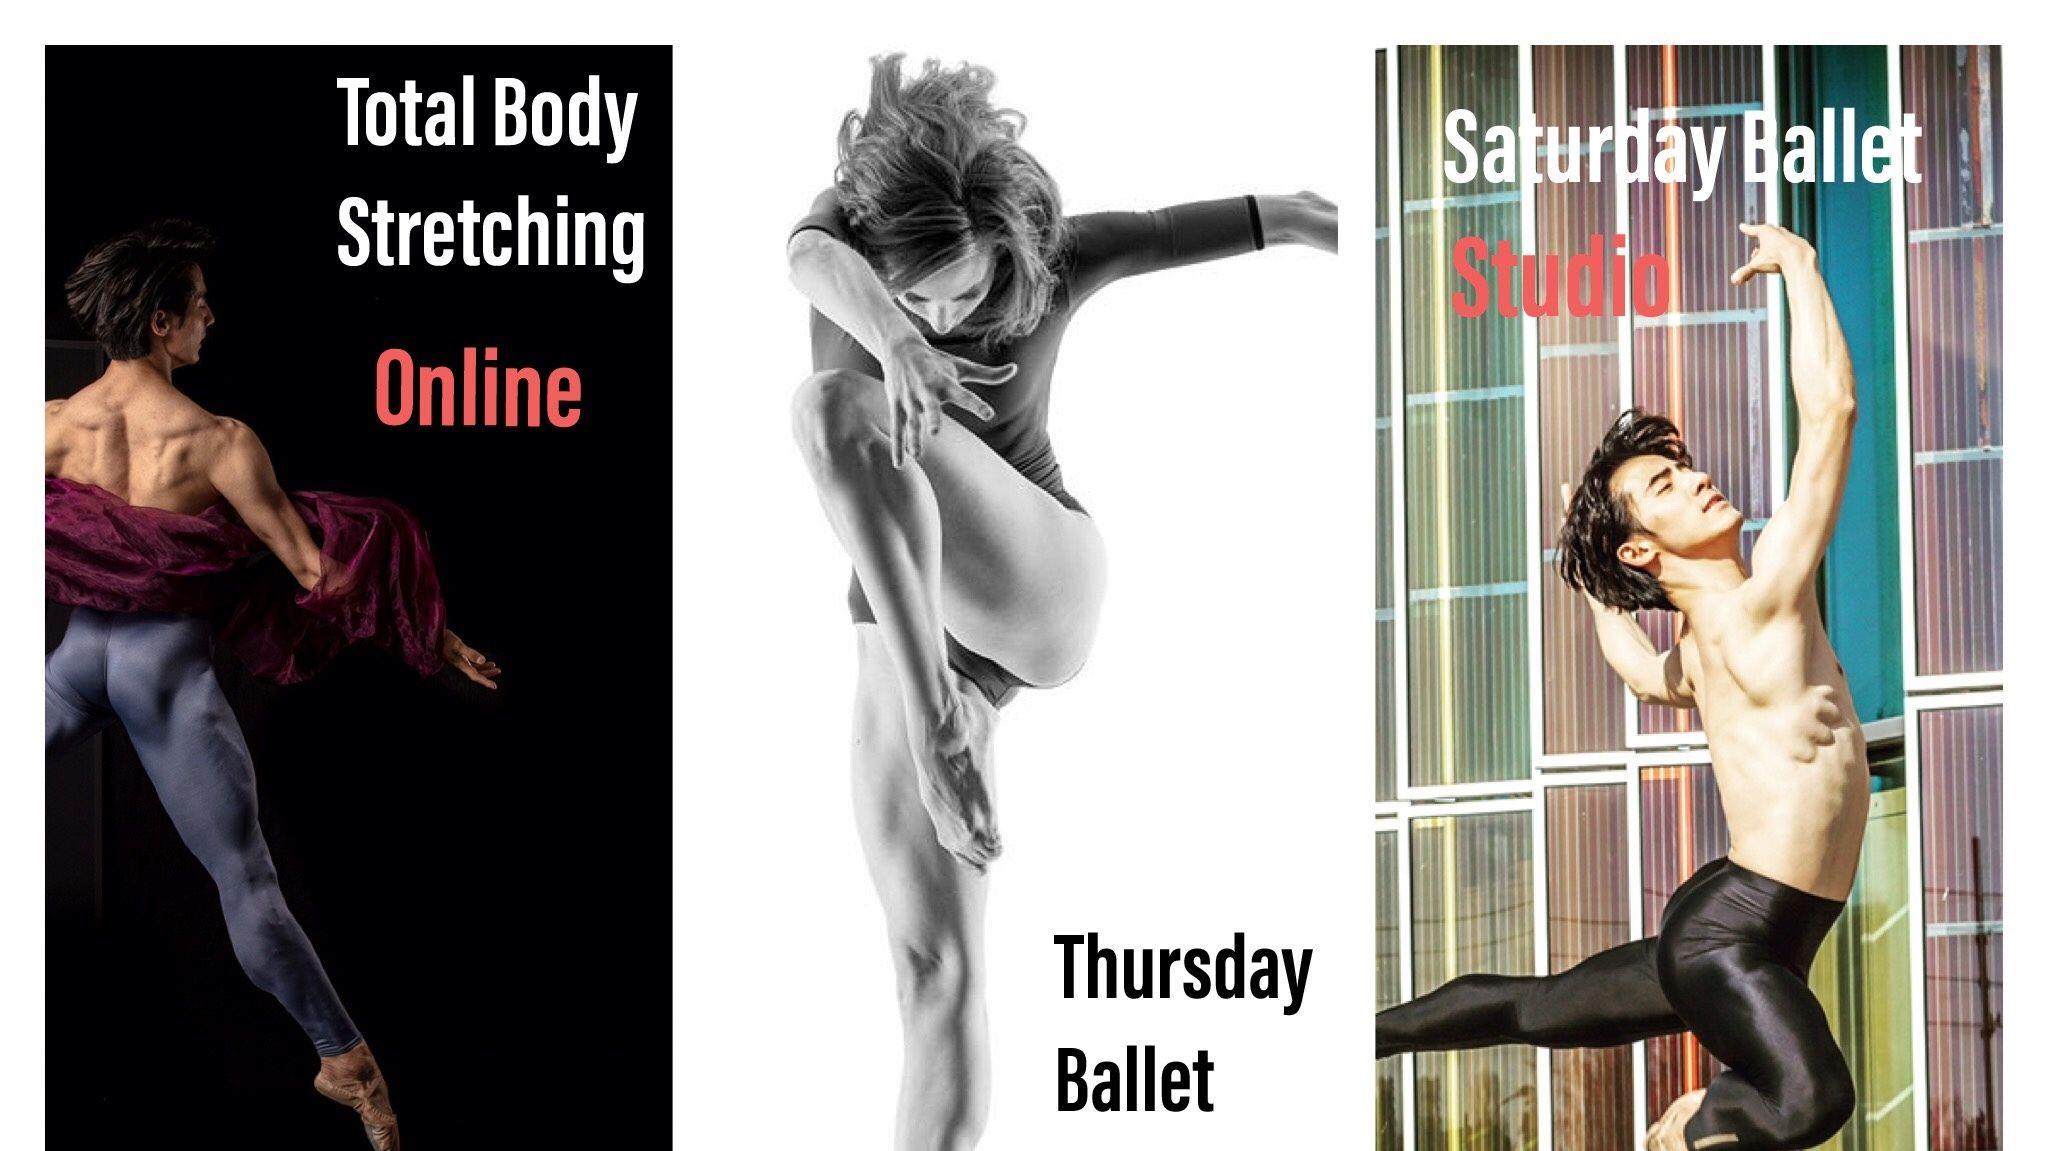 SUN-BALLET class Saturday 1h30